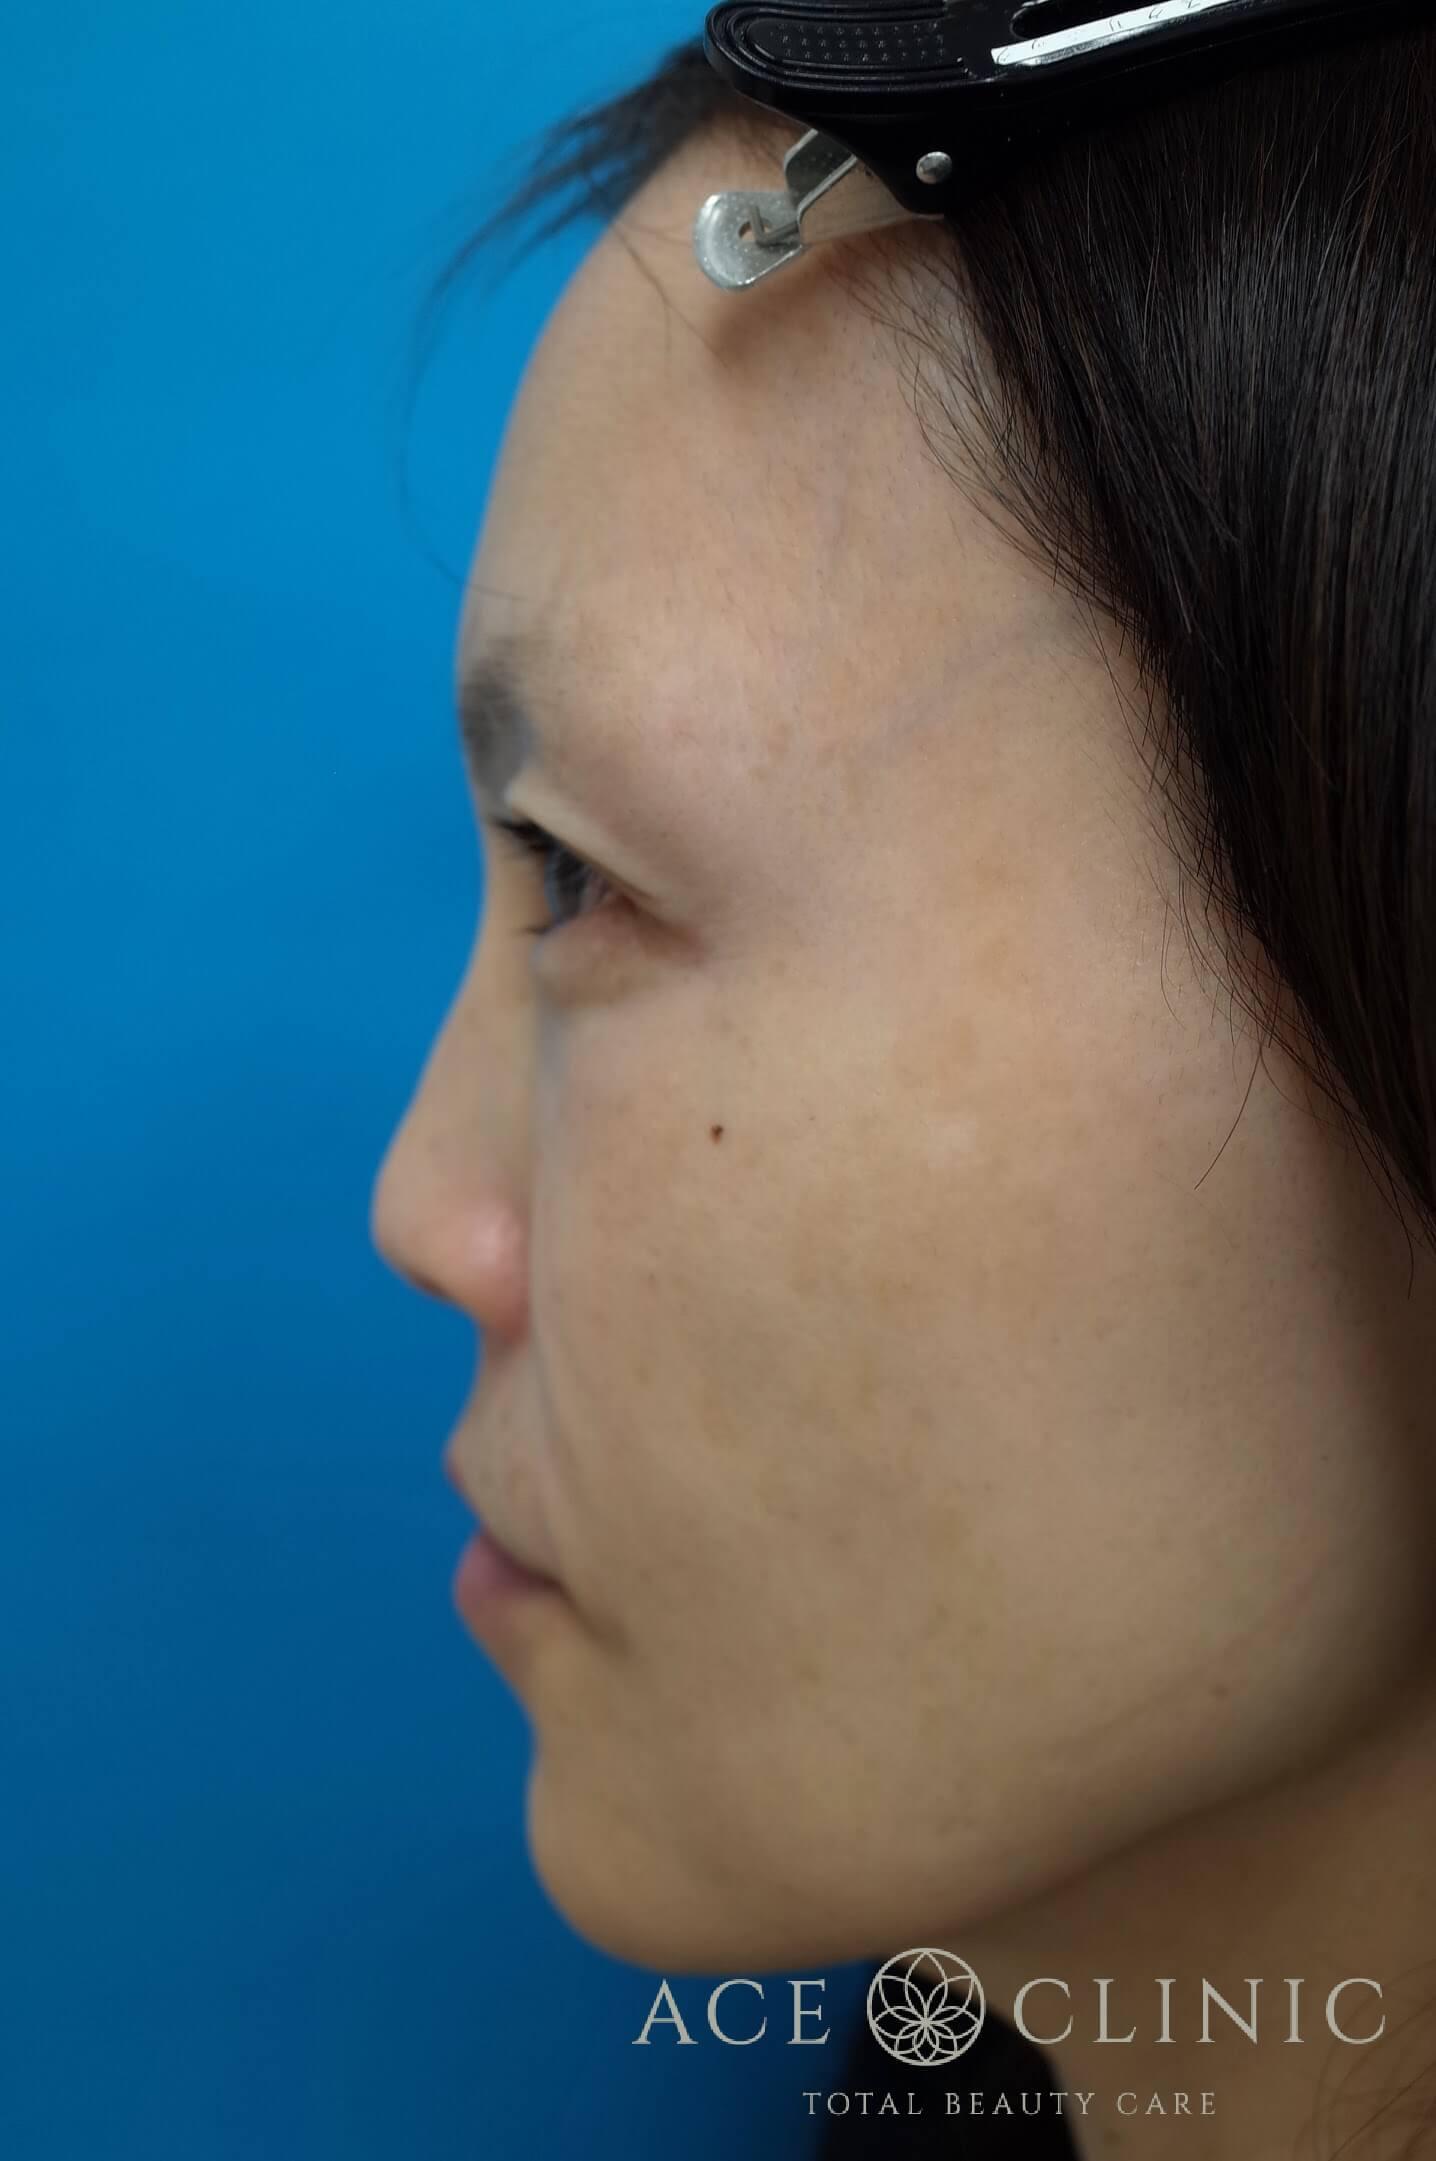 ヒアルロン酸注入(こめかみ・頬) 施術後 左横